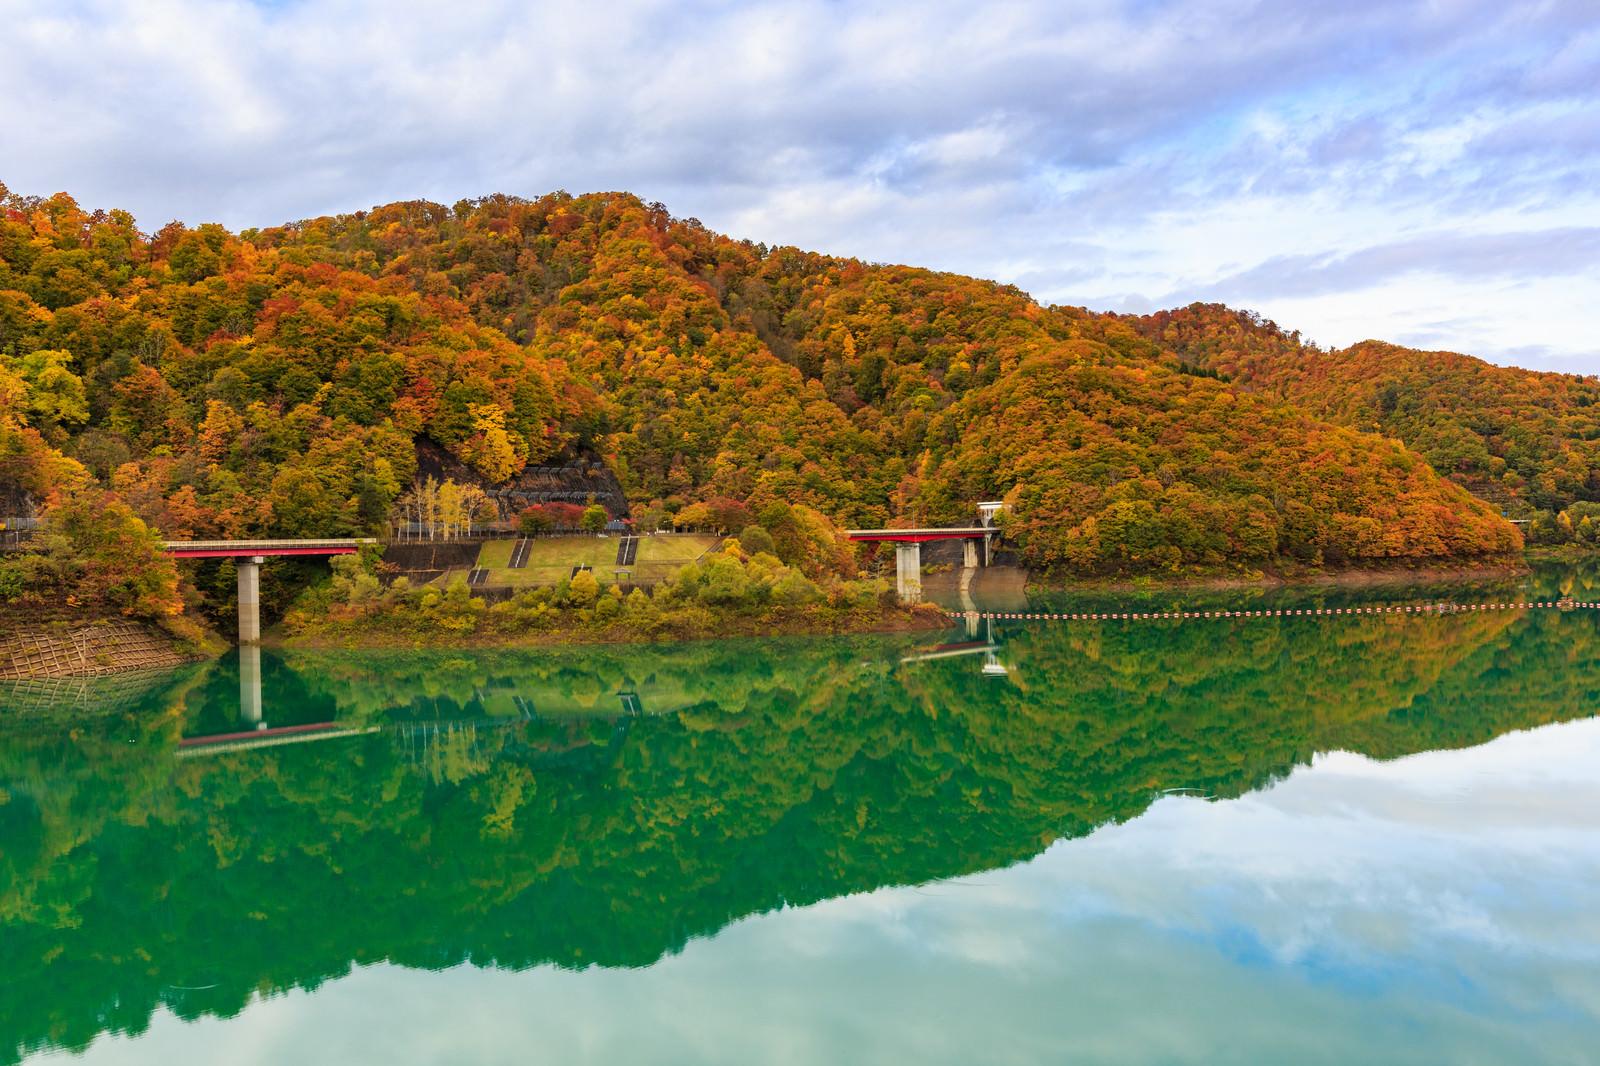 「玉川ダム湖の紅葉玉川ダム湖の紅葉」のフリー写真素材を拡大